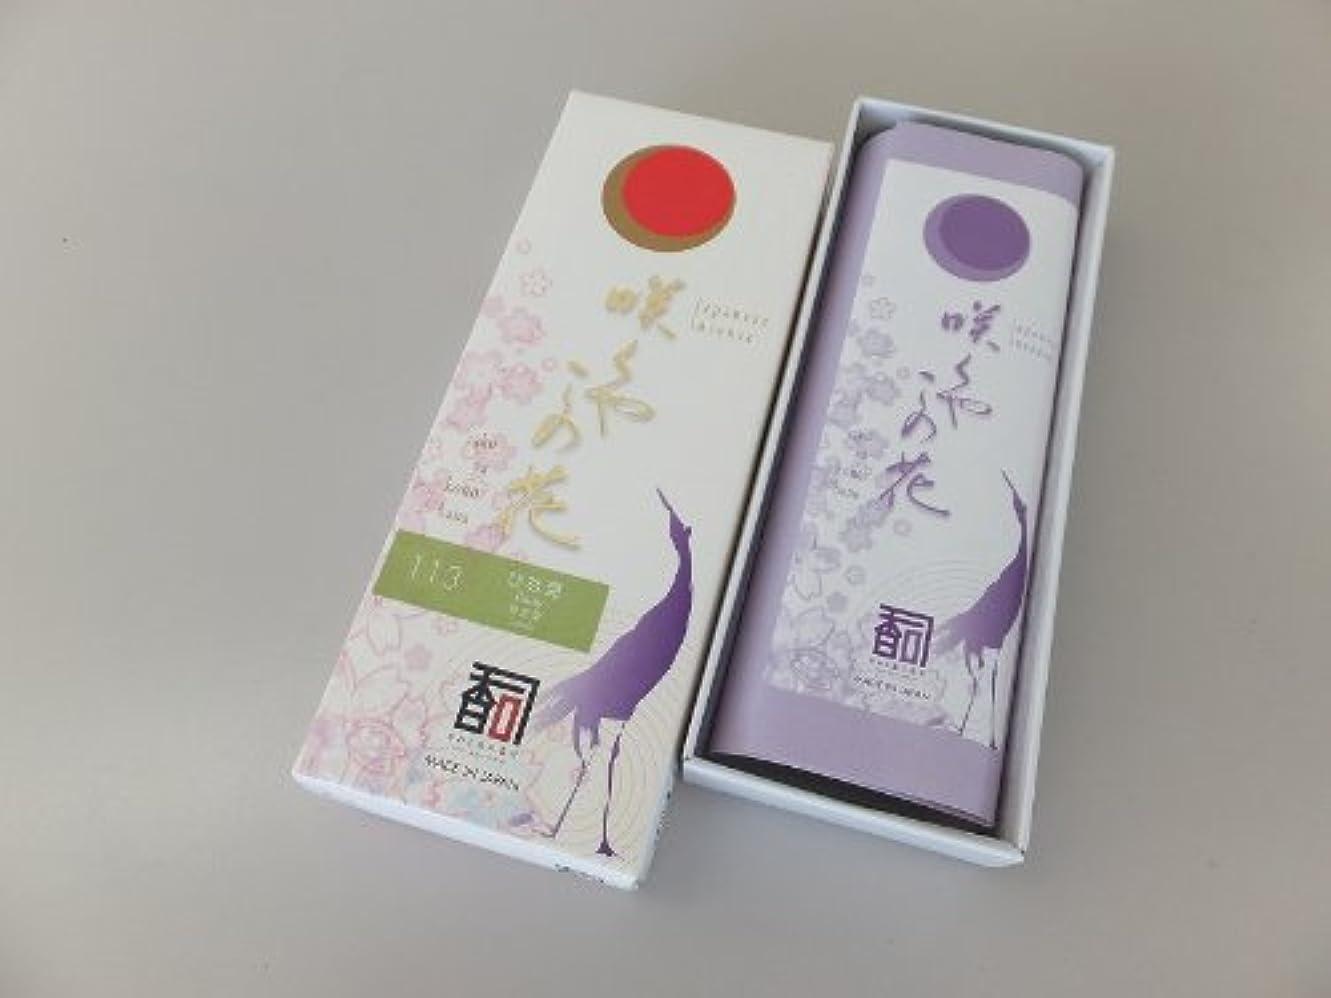 エール考えより平らな「あわじ島の香司」 日本の香りシリーズ  [咲くや この花] 【113】 ひな菊 (有煙)